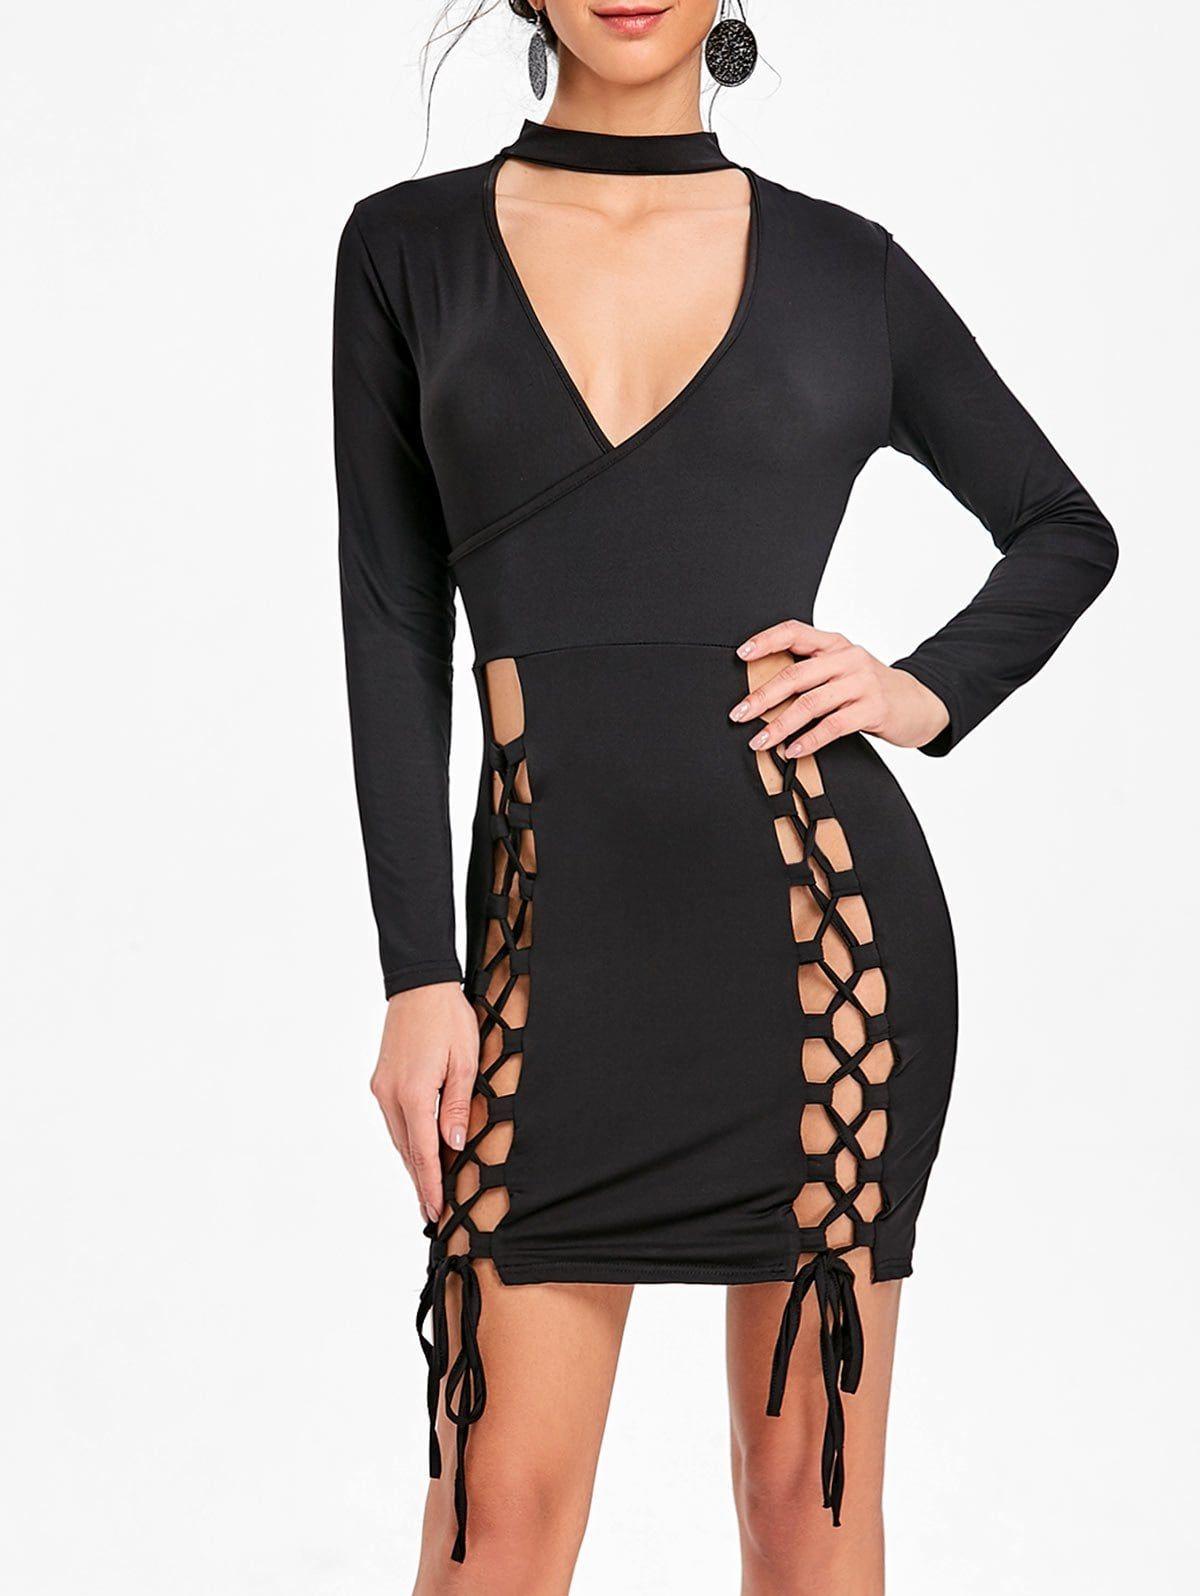 Surplice Neck Lace Up Choker Dress | fasion, costumes